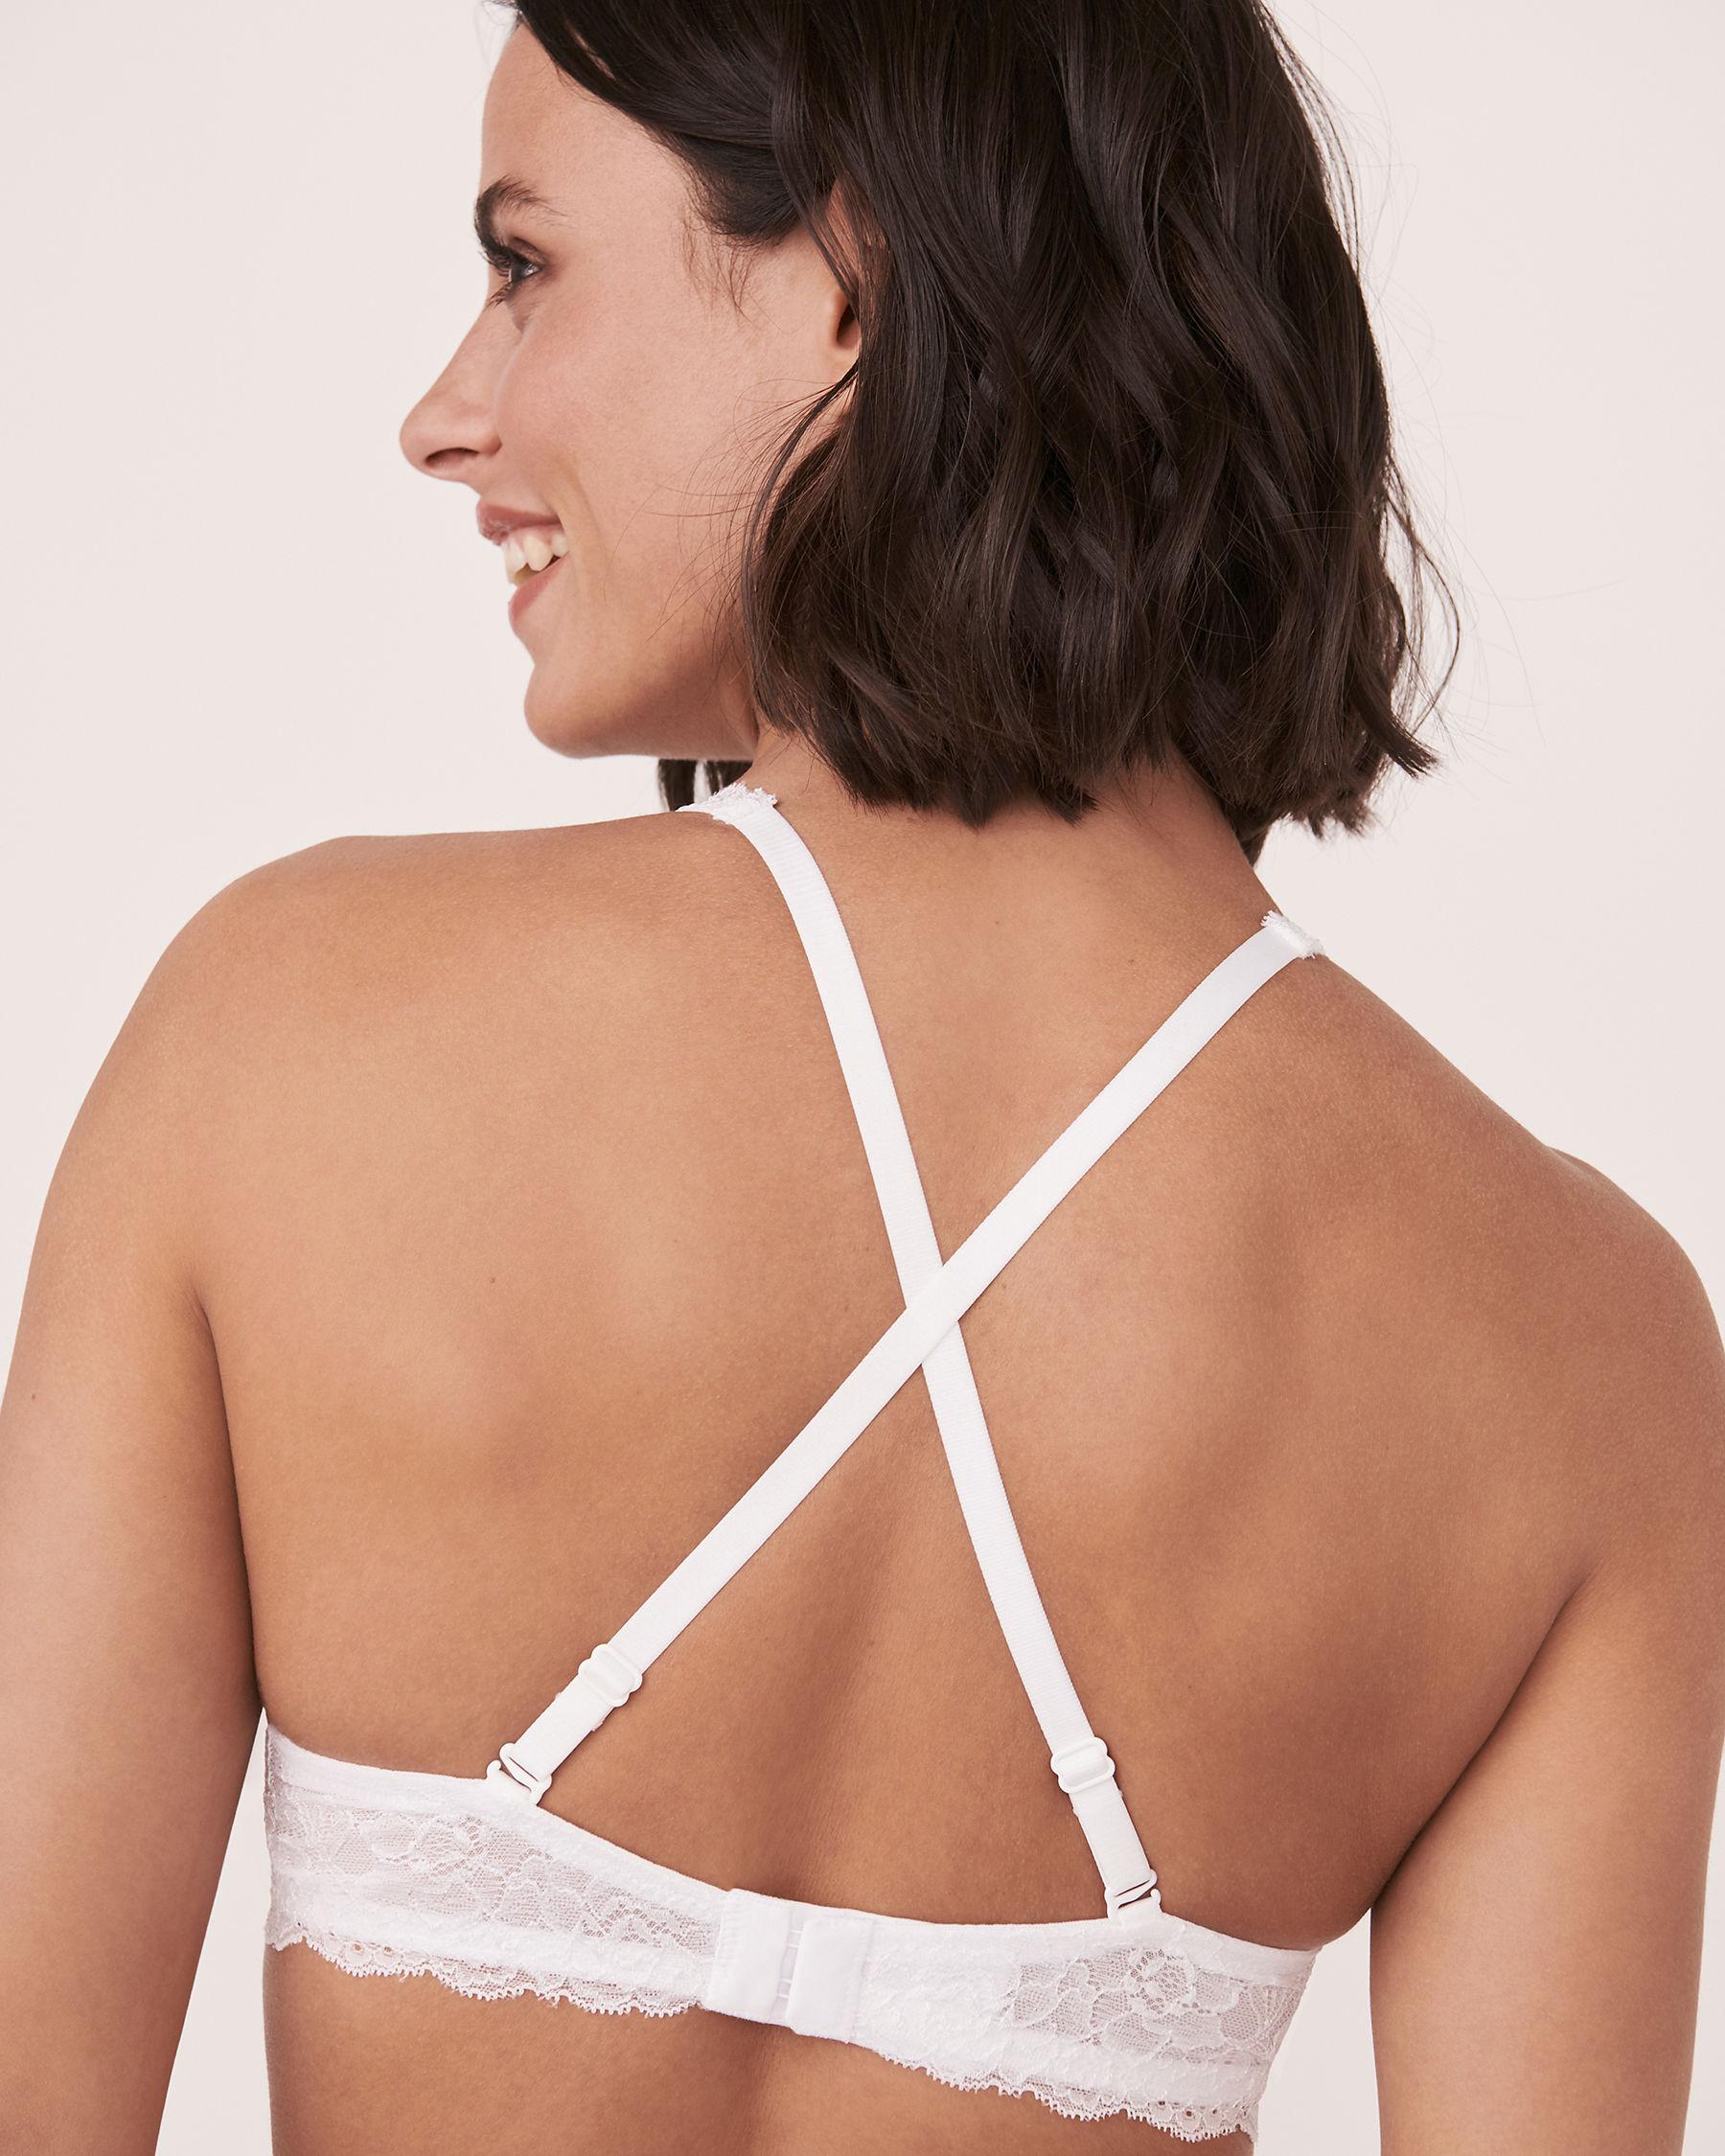 LA VIE EN ROSE Unlined Bra White Lace 618-114-0-00 - View3